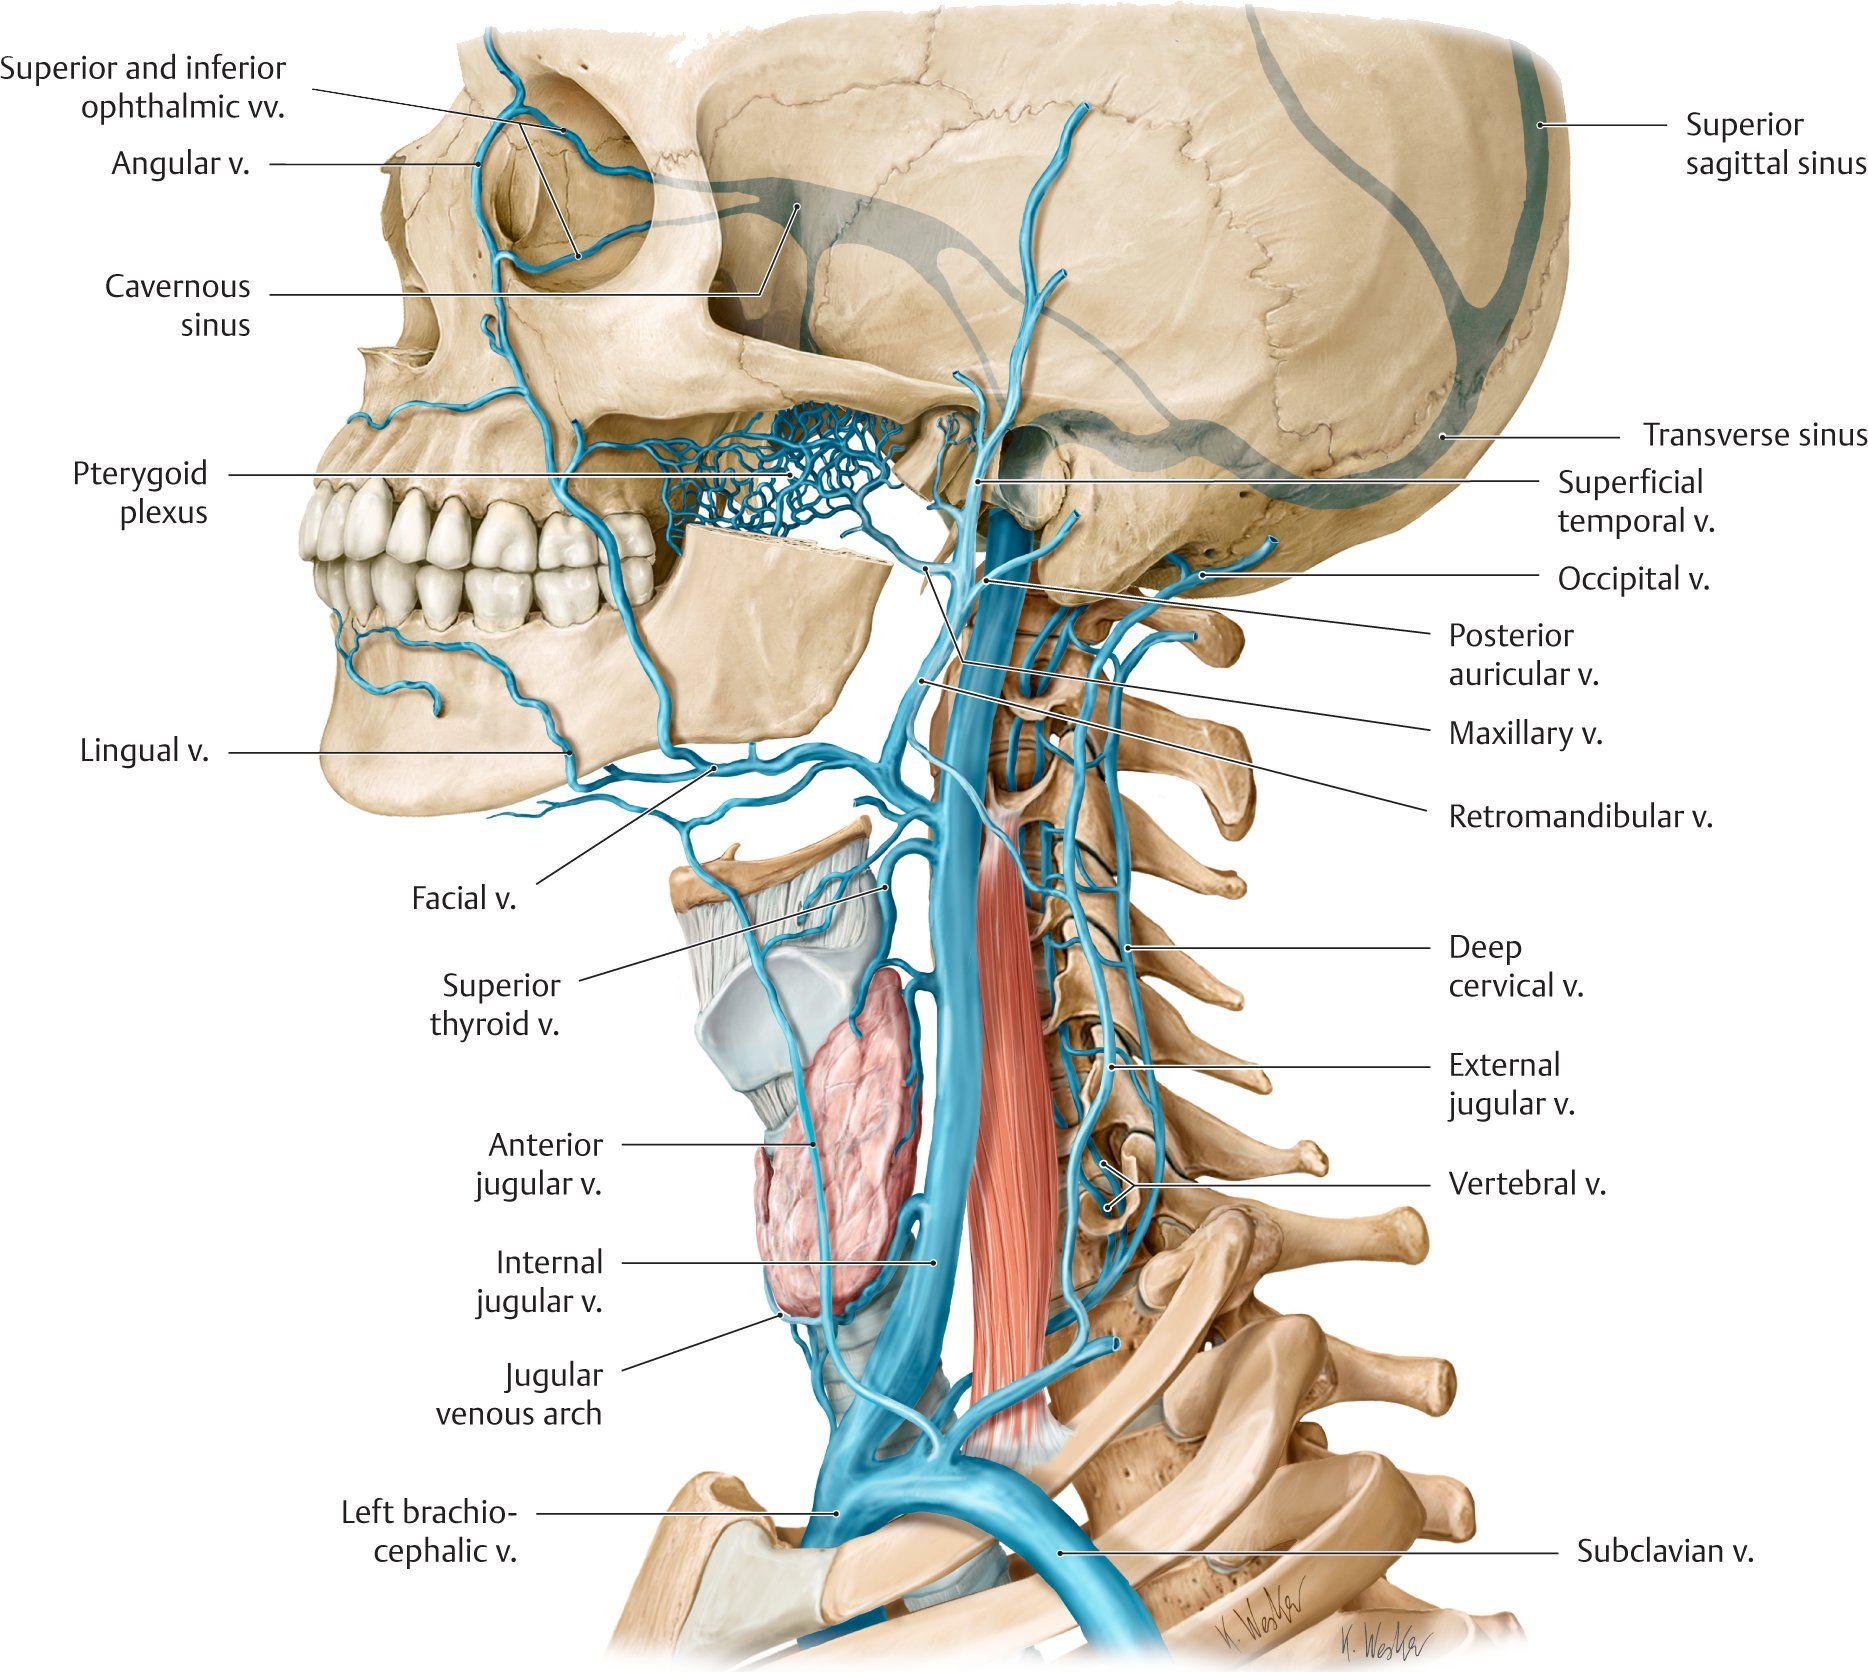 תוצאת תמונה עבור anterior jugular vein | Anatomy | Pinterest ...